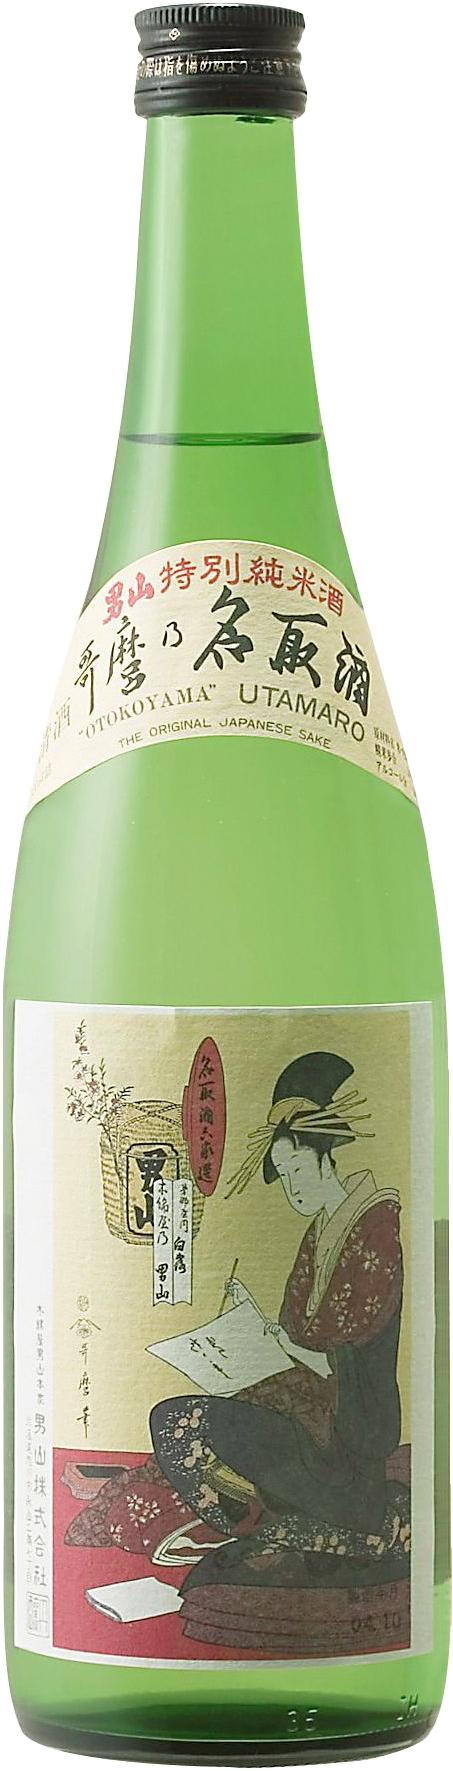 Otokoyama Utamaro